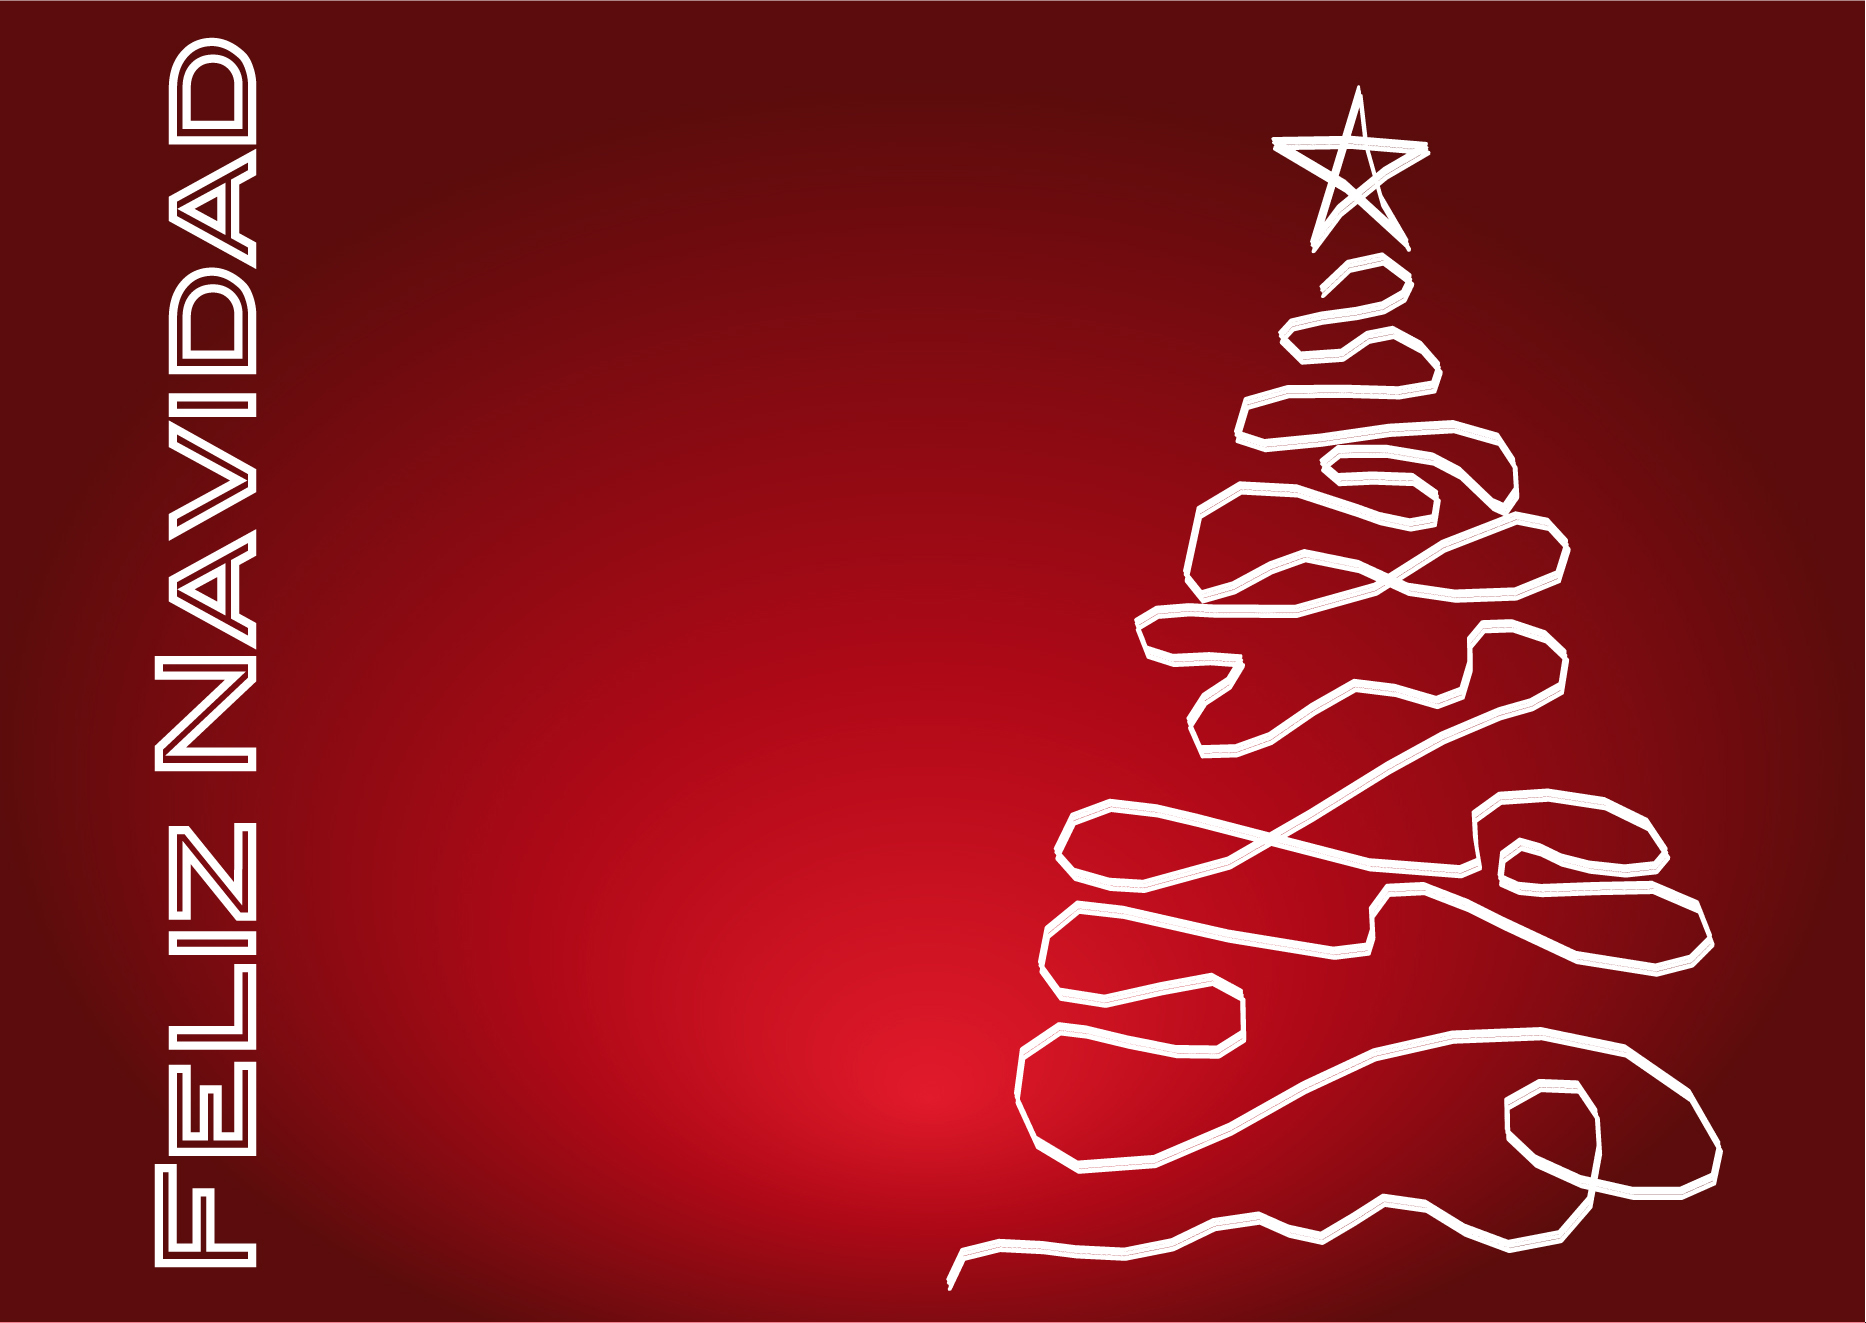 Tarjetas de navidad tarjetas navide as para felicitar las - Tarjetas originales navidad ...